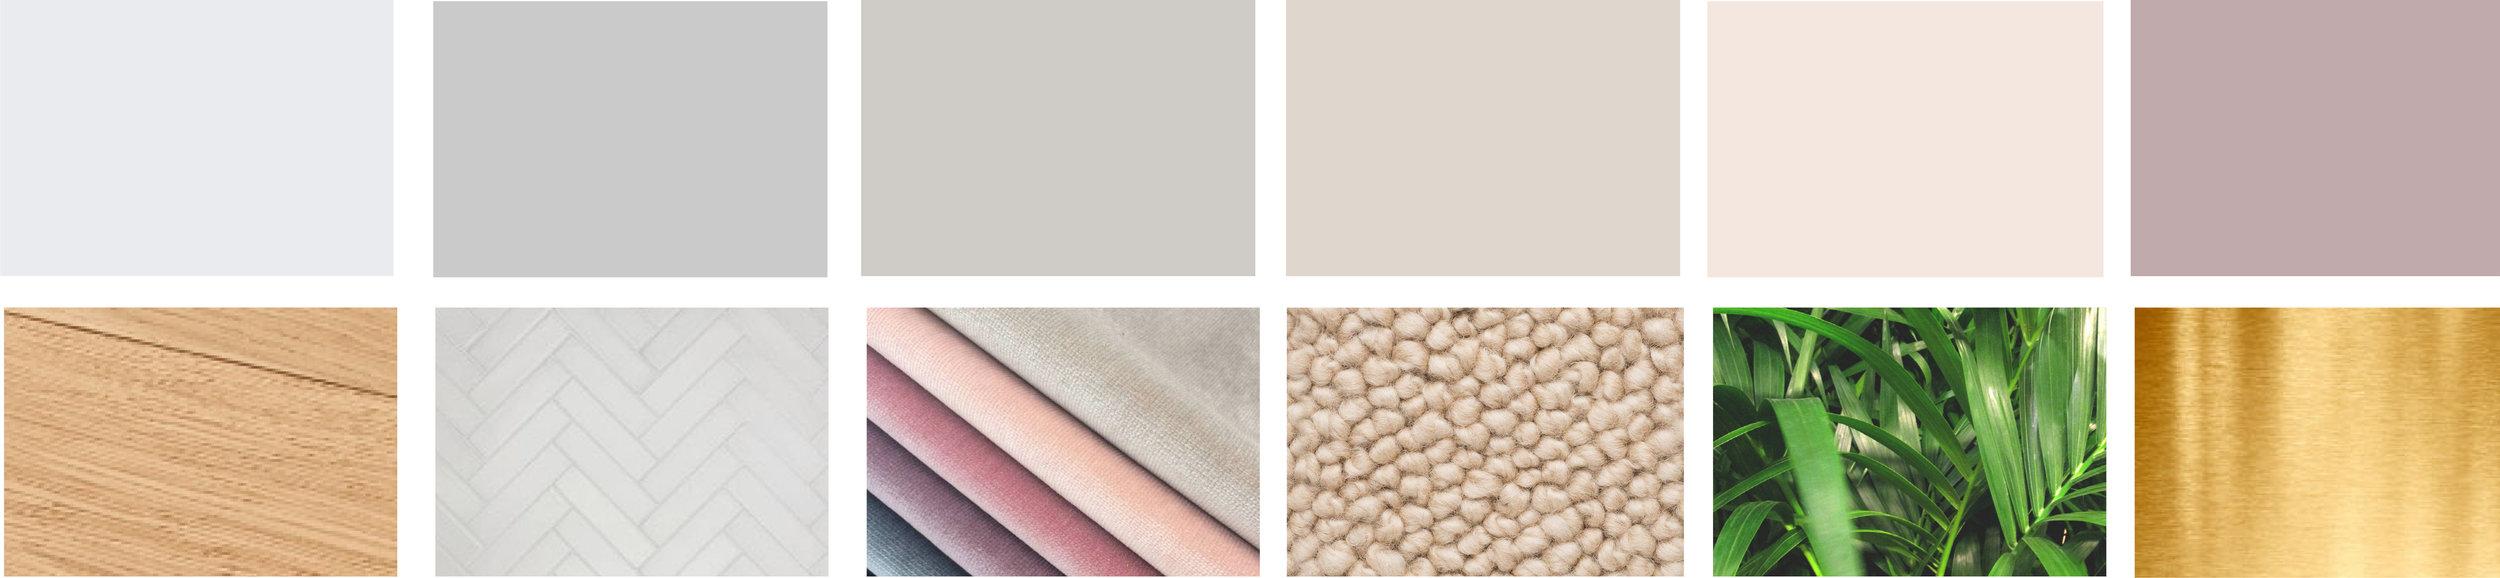 poke studio projekt_ženstvena oaza_barvna paleta